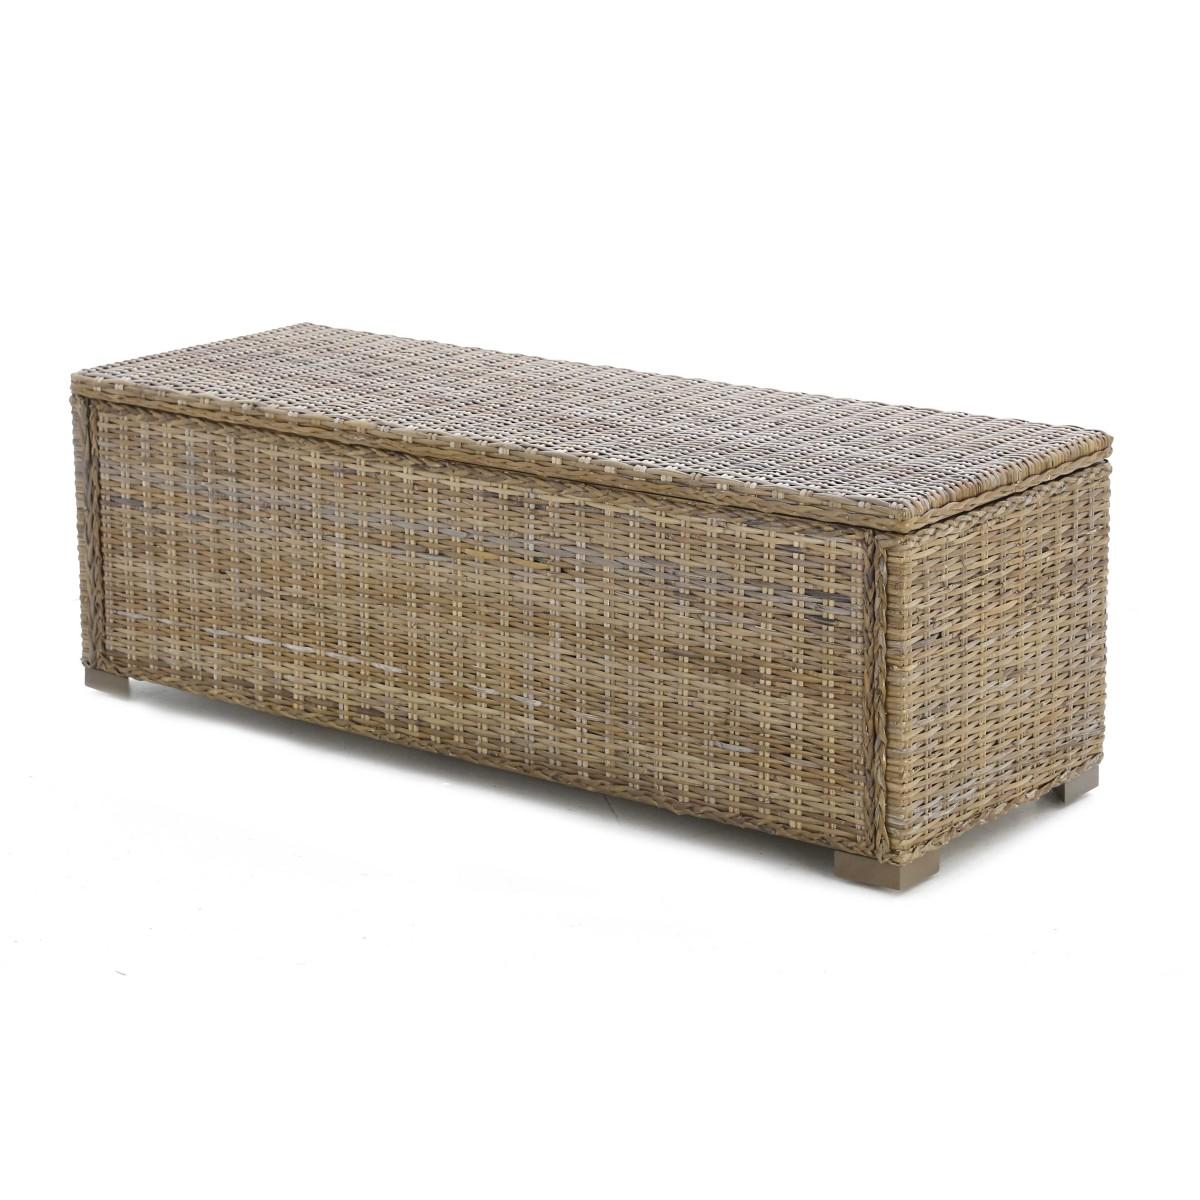 bout de lit kubu. Black Bedroom Furniture Sets. Home Design Ideas